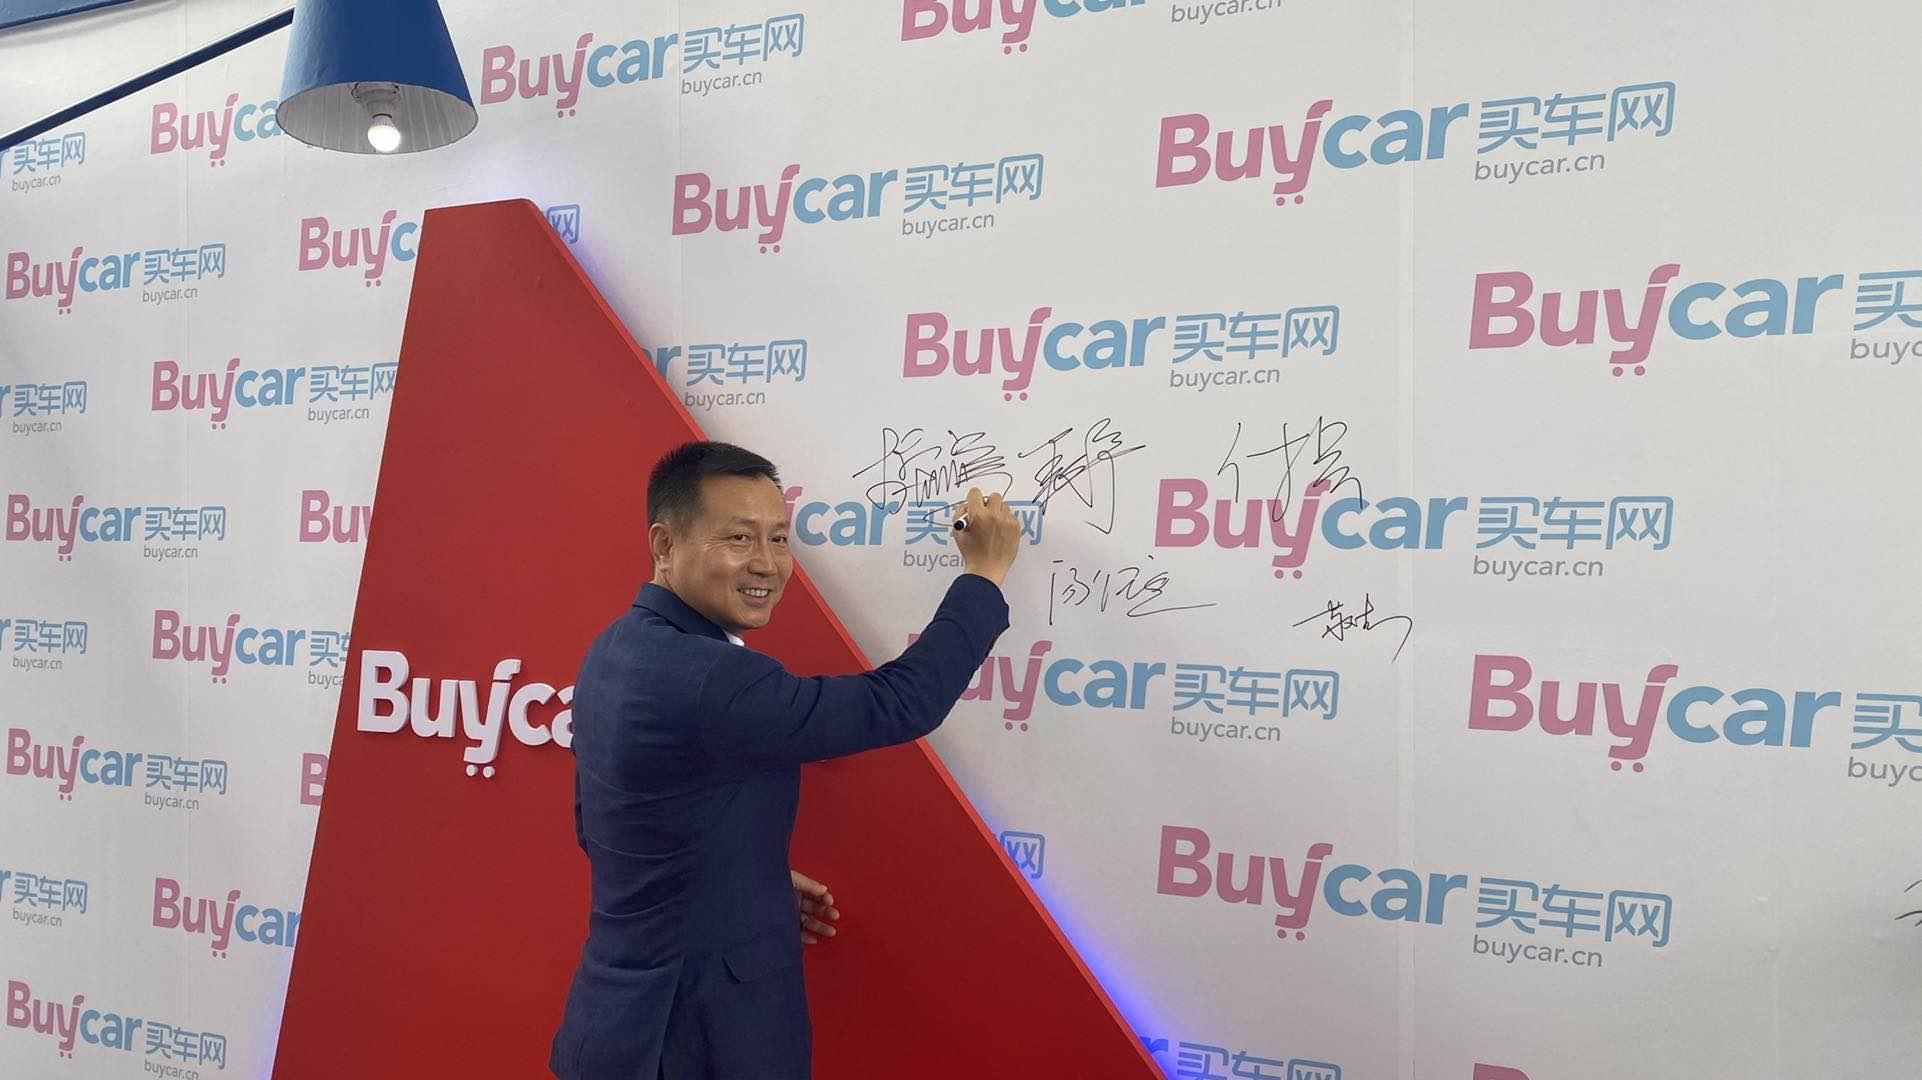 现代汽车李宏鹏:以帕里斯帝为契机,做好品牌提升